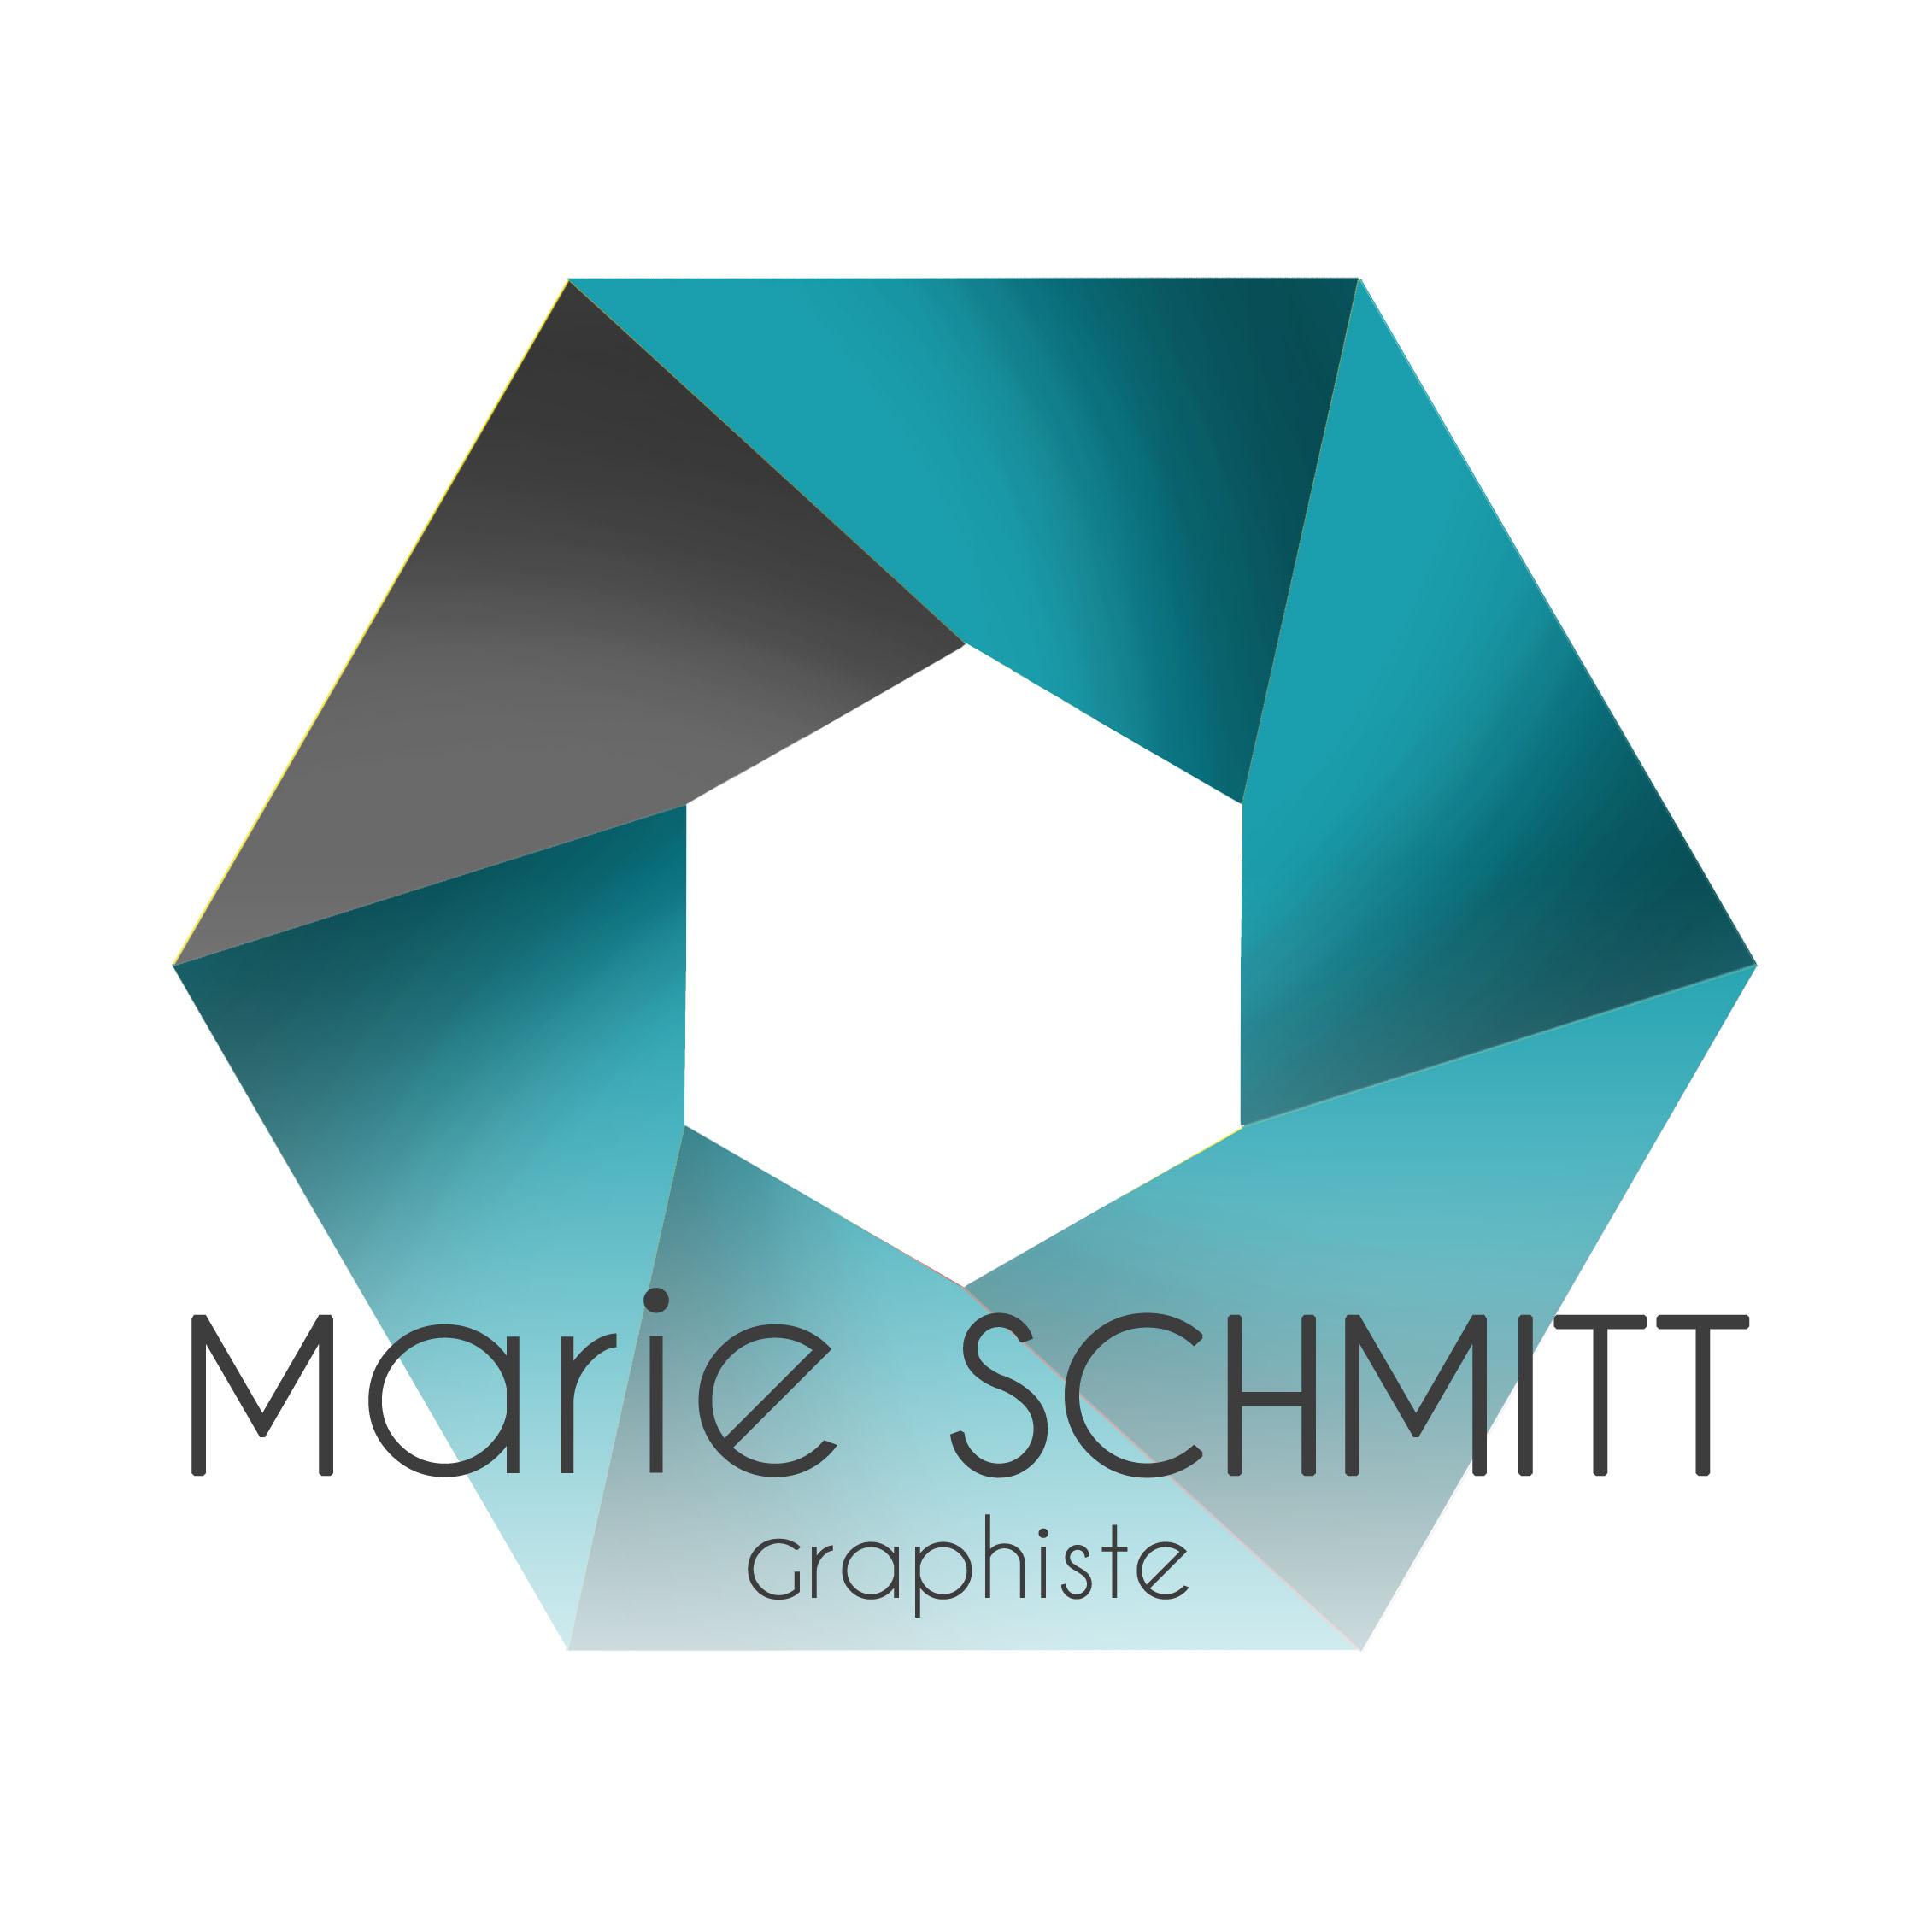 Marie Schmitt